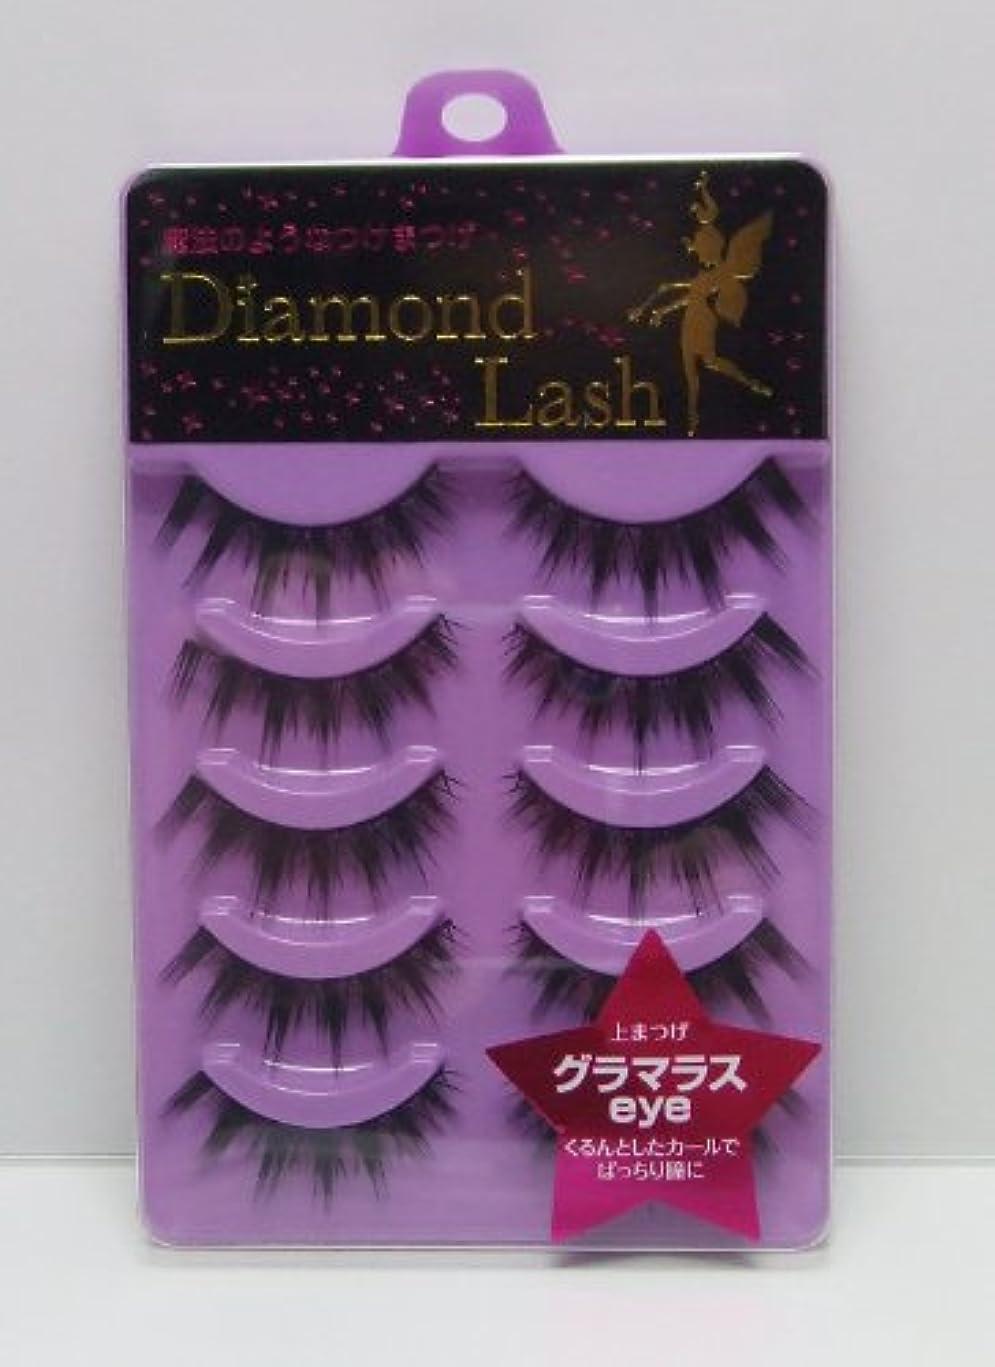 再編成するサイレン商標ダイヤモンドラッシュ グラマラスeye 上まつげ用 DL51151